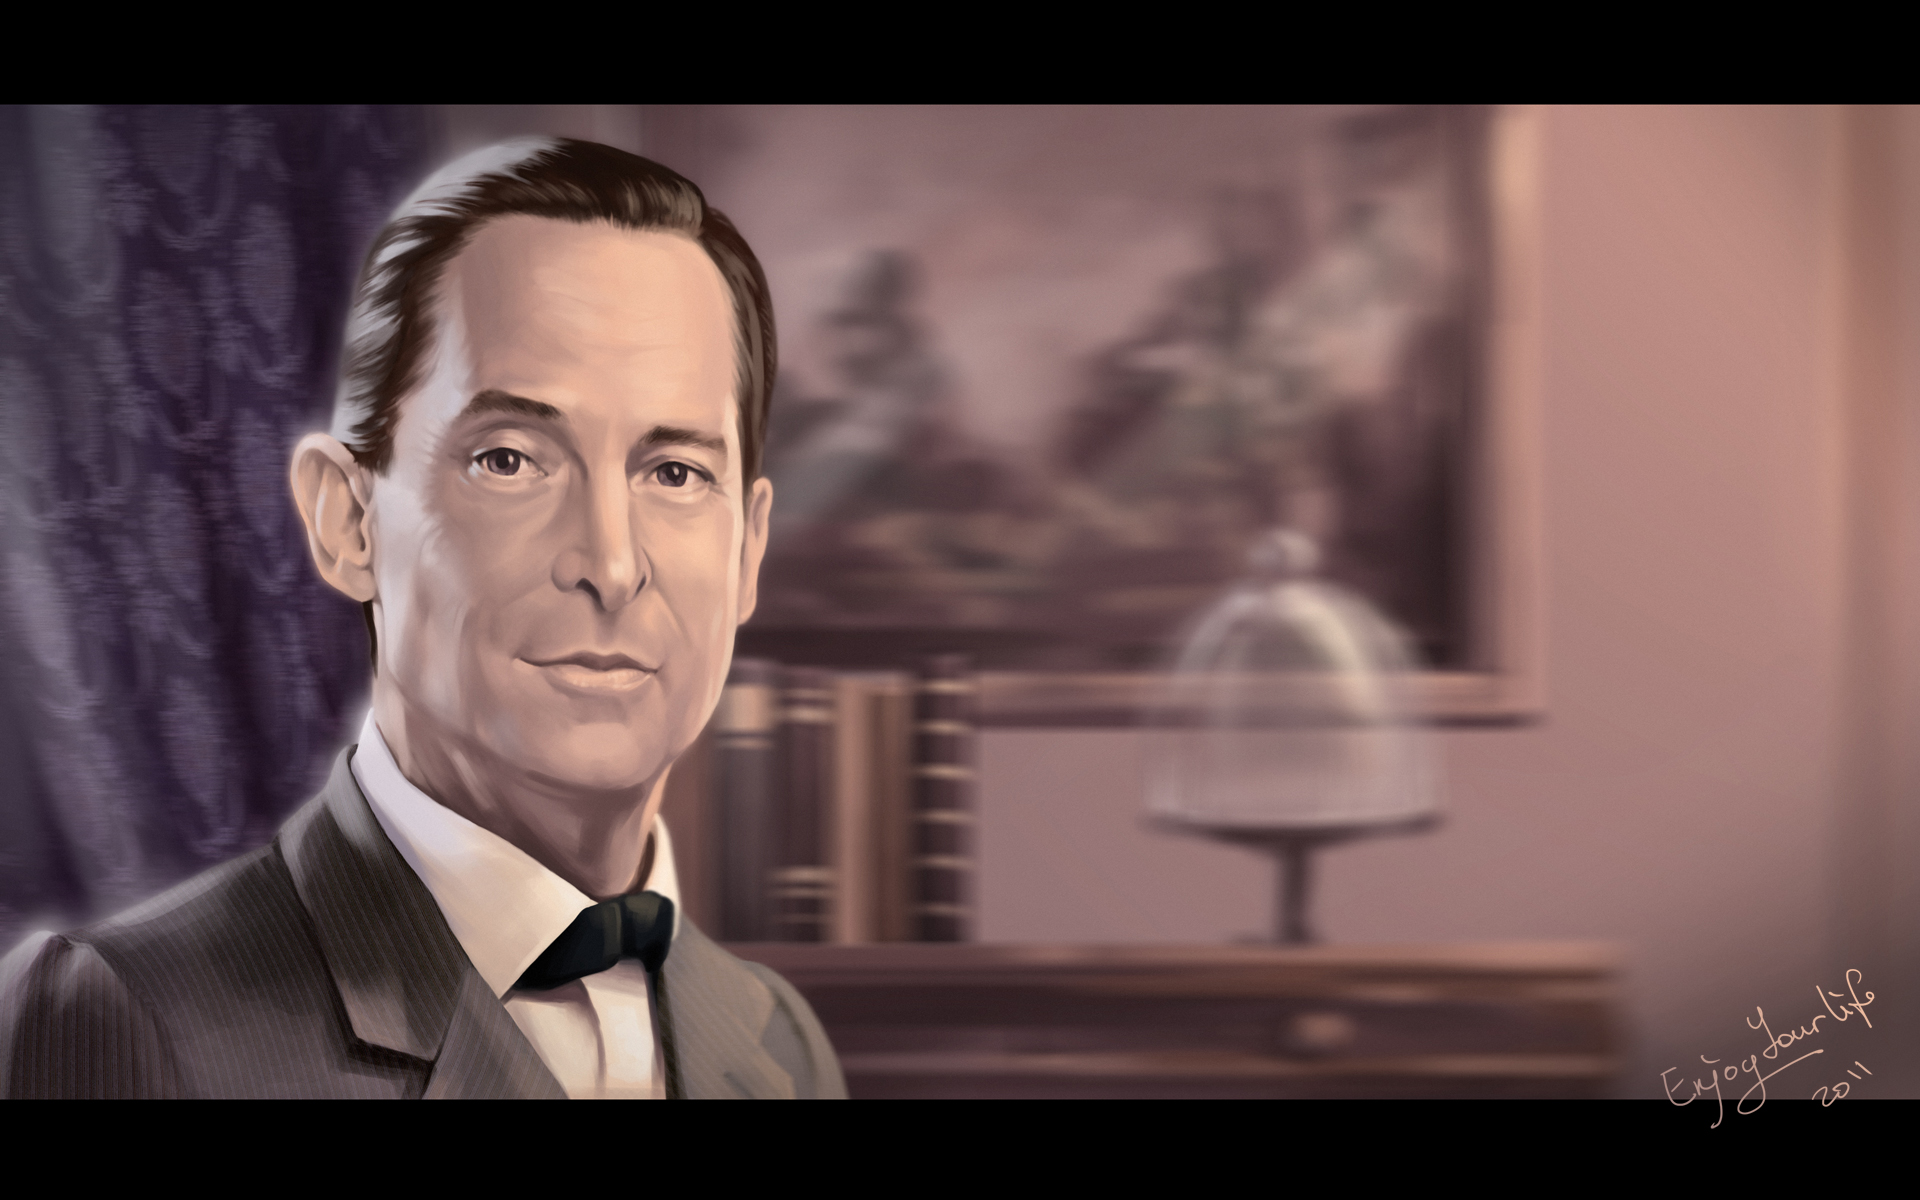 J. Brett as Sherlock Holmes